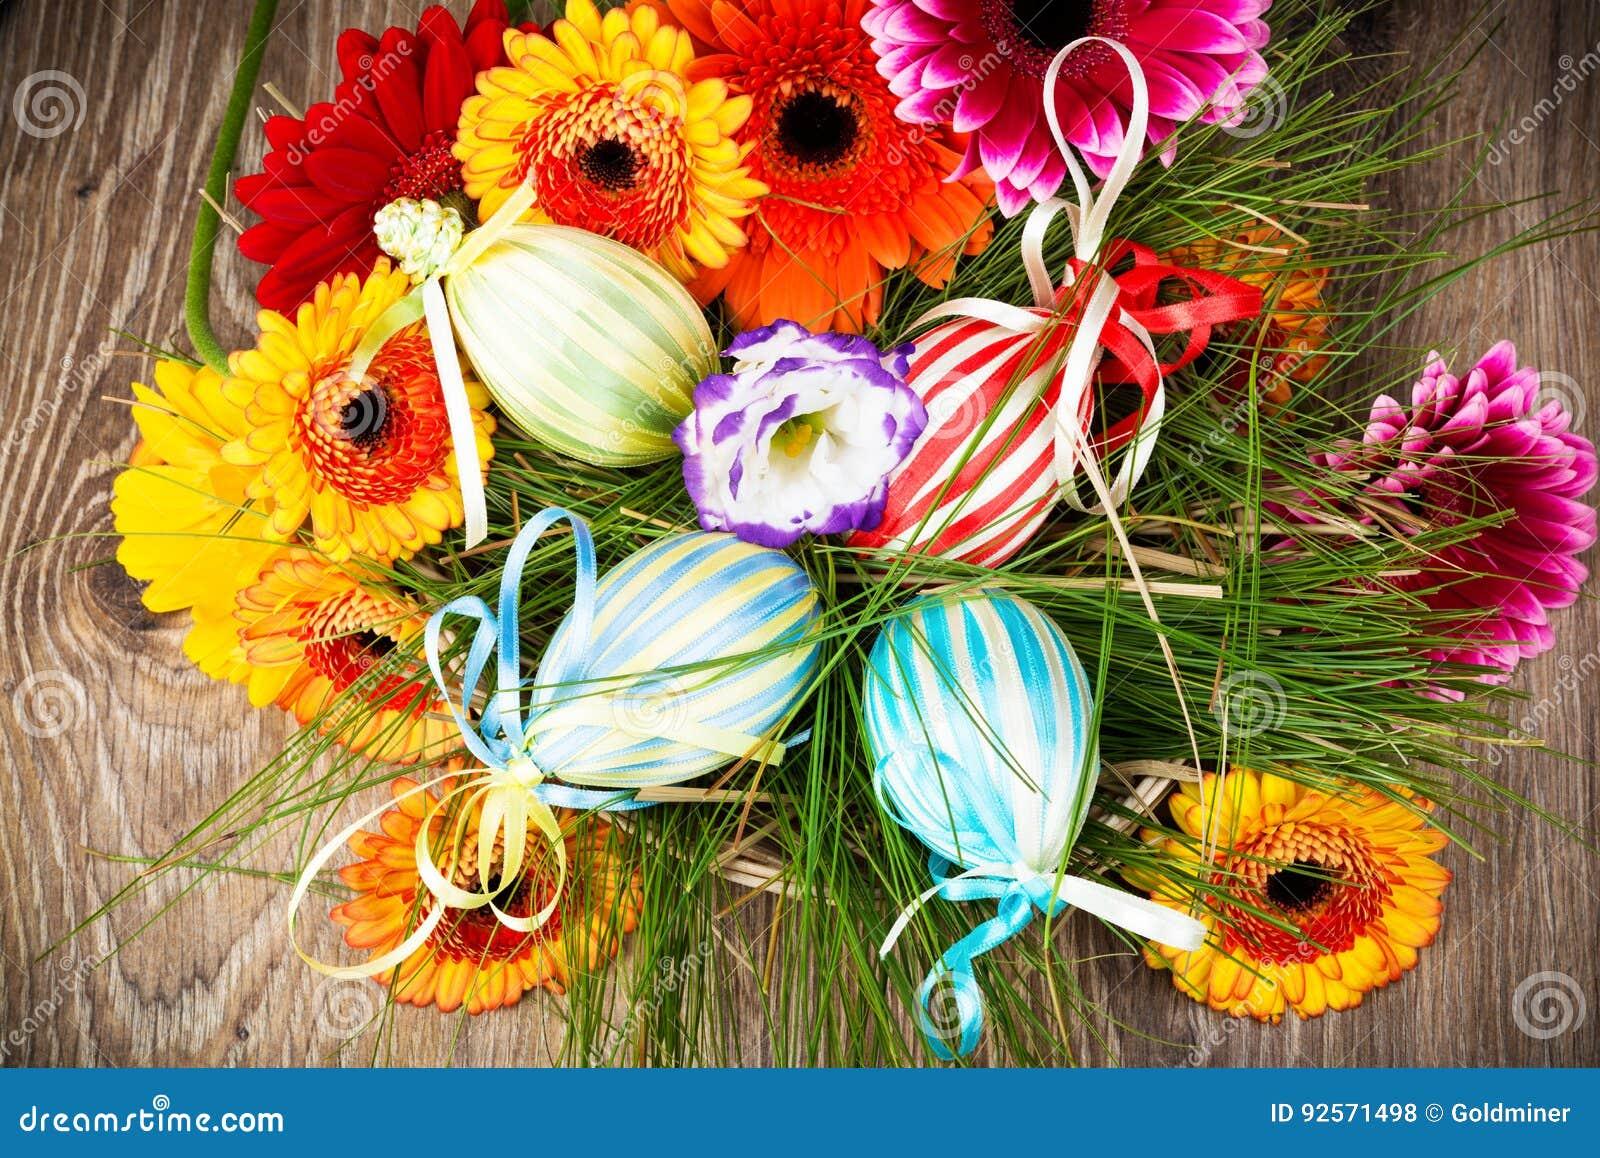 Uova di Pasqua Con i fiori